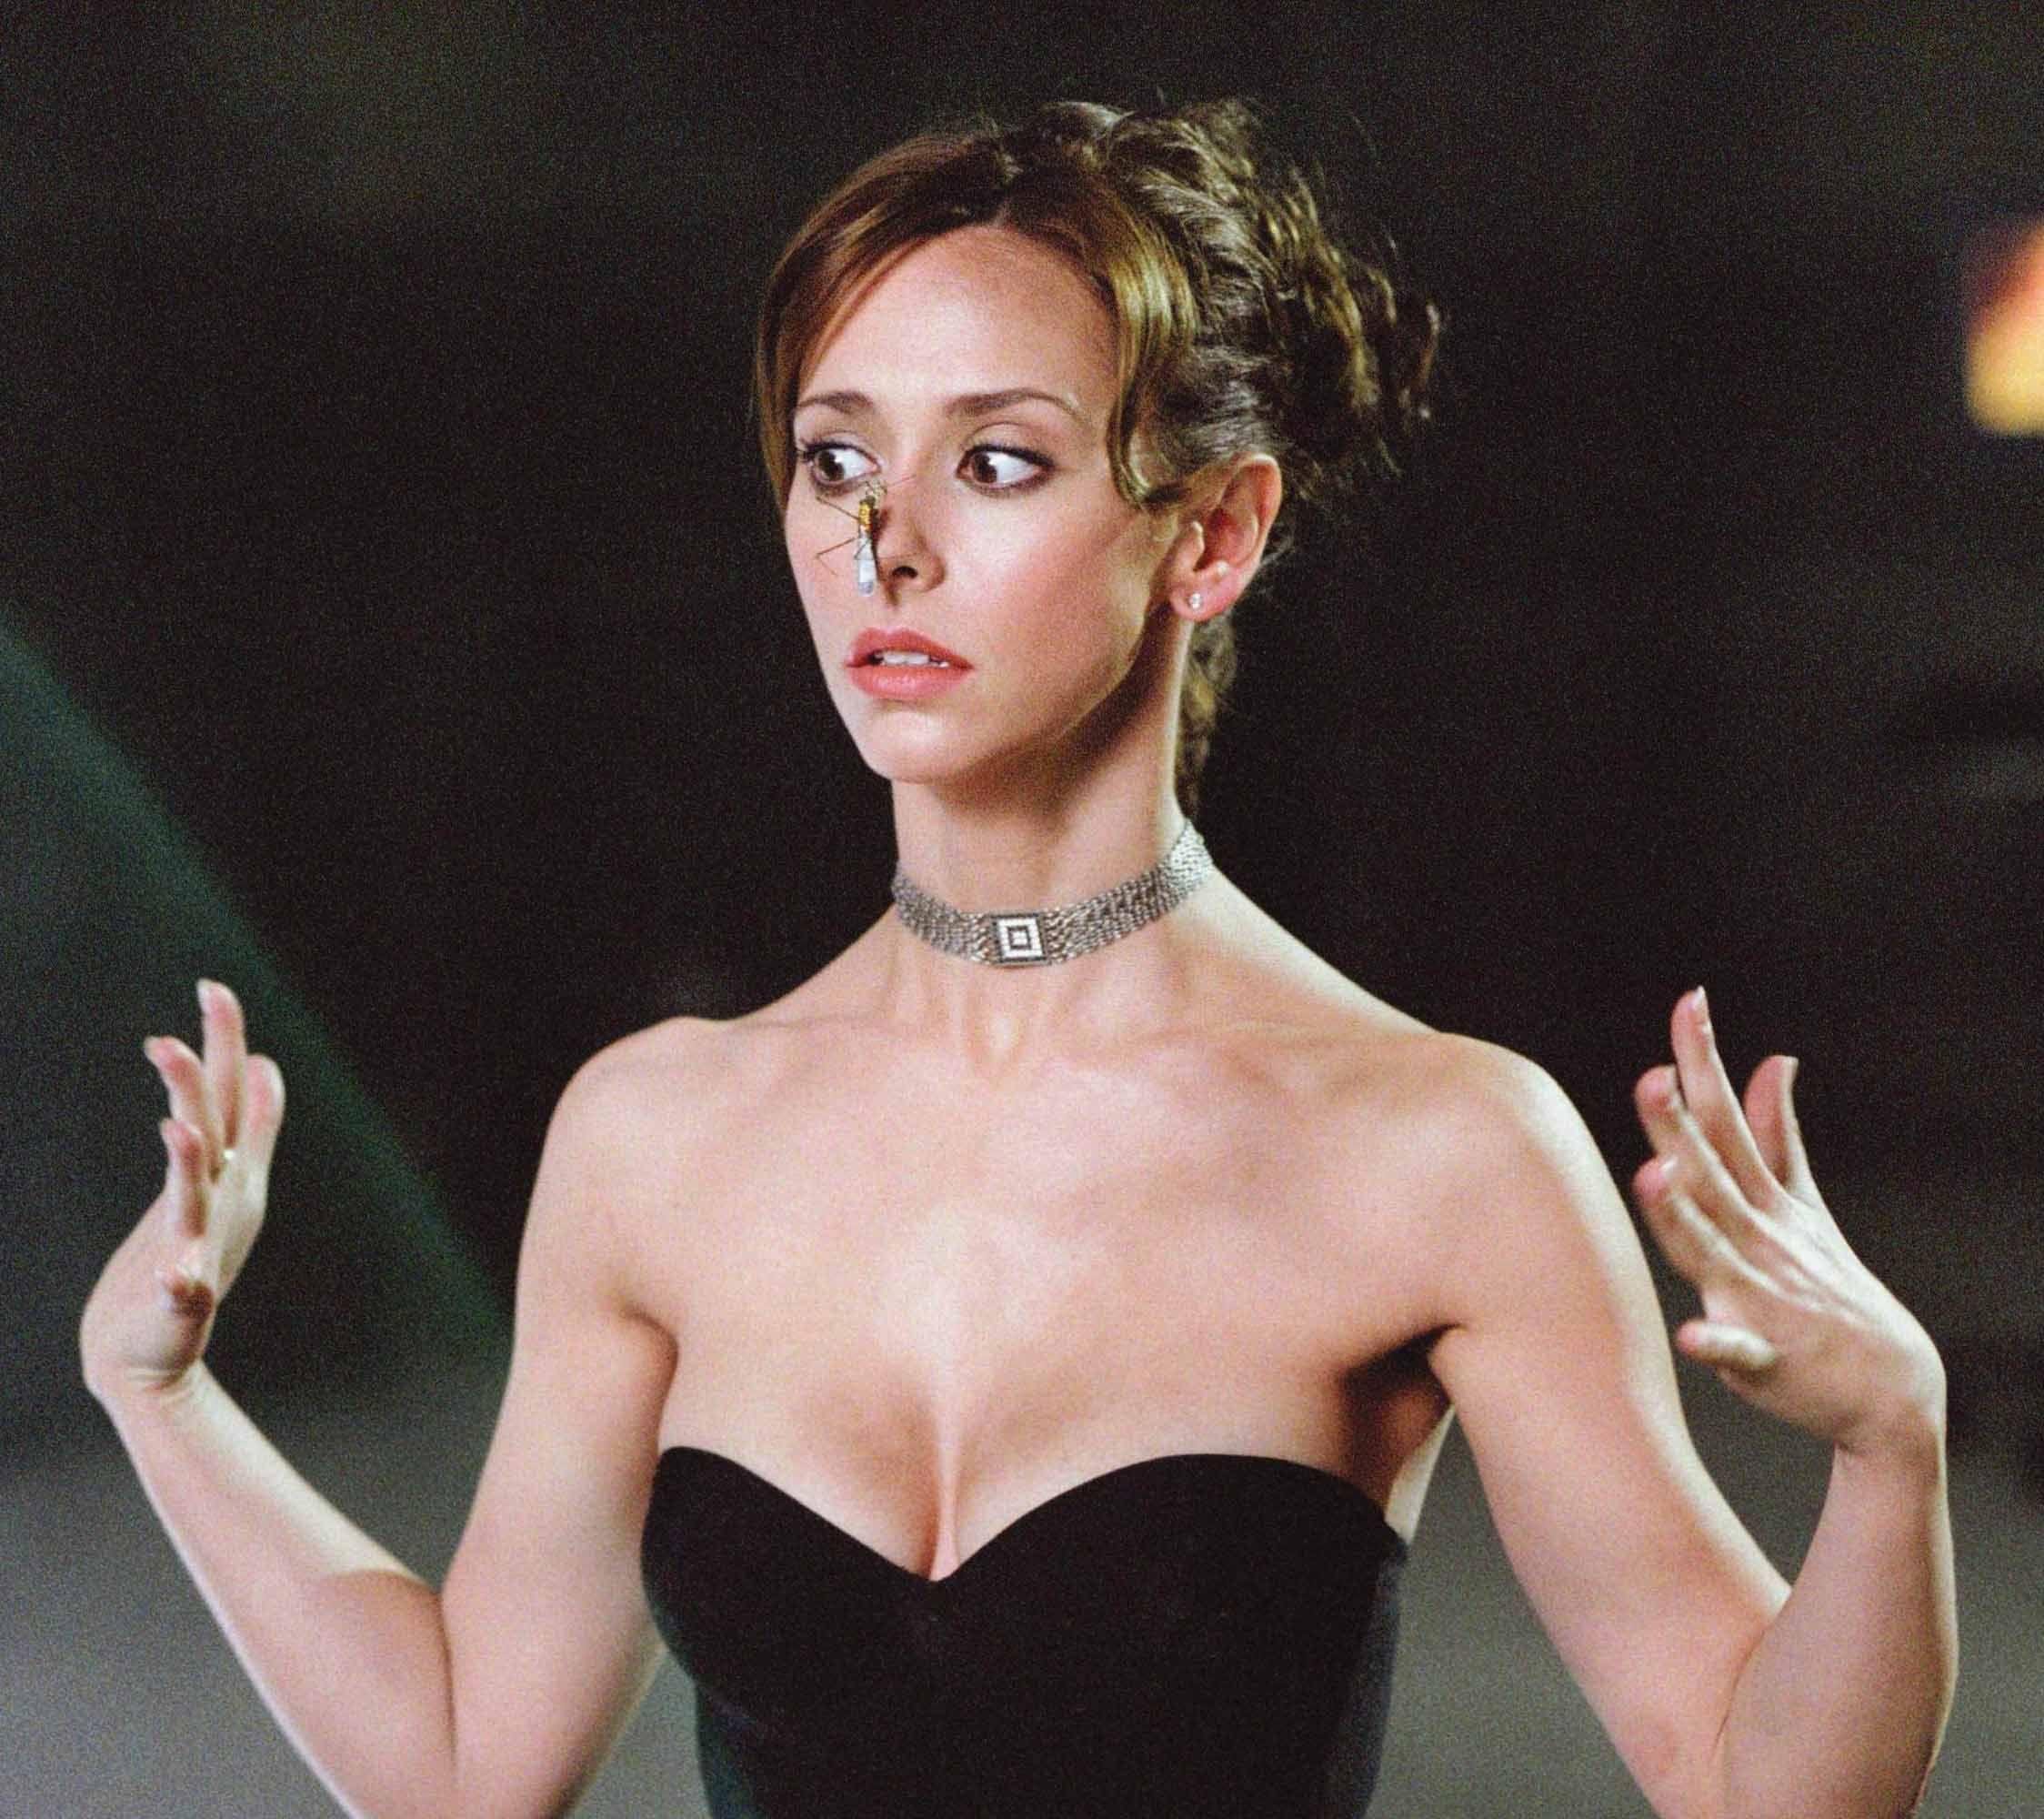 Jennifer love hewitt naked the tuxedo